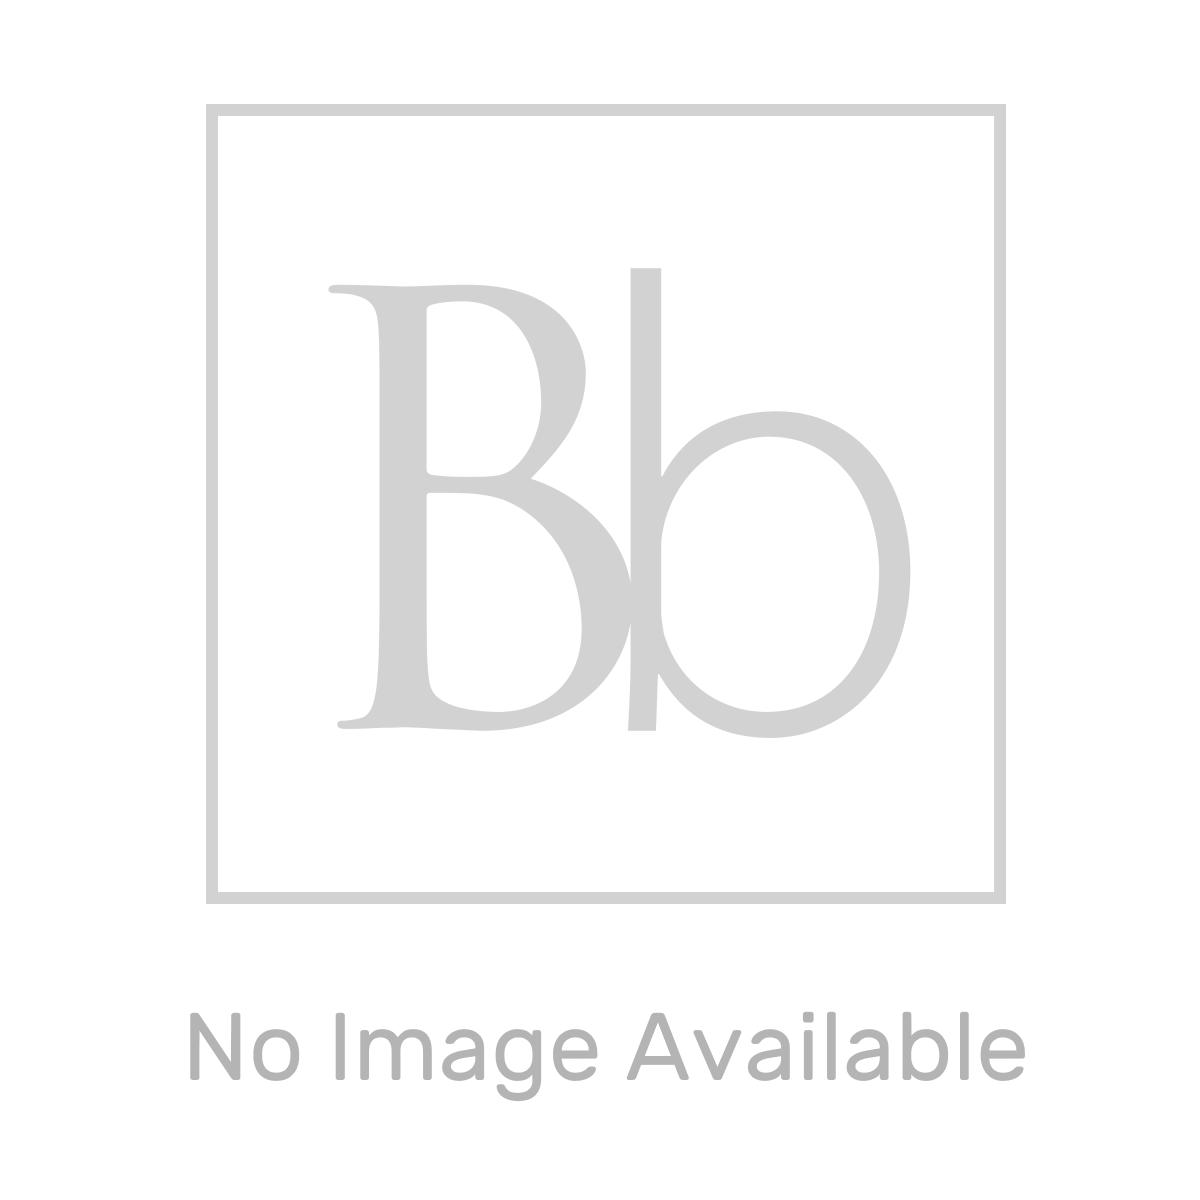 HiB Eris 60 Double Door Mirrored Cabinet